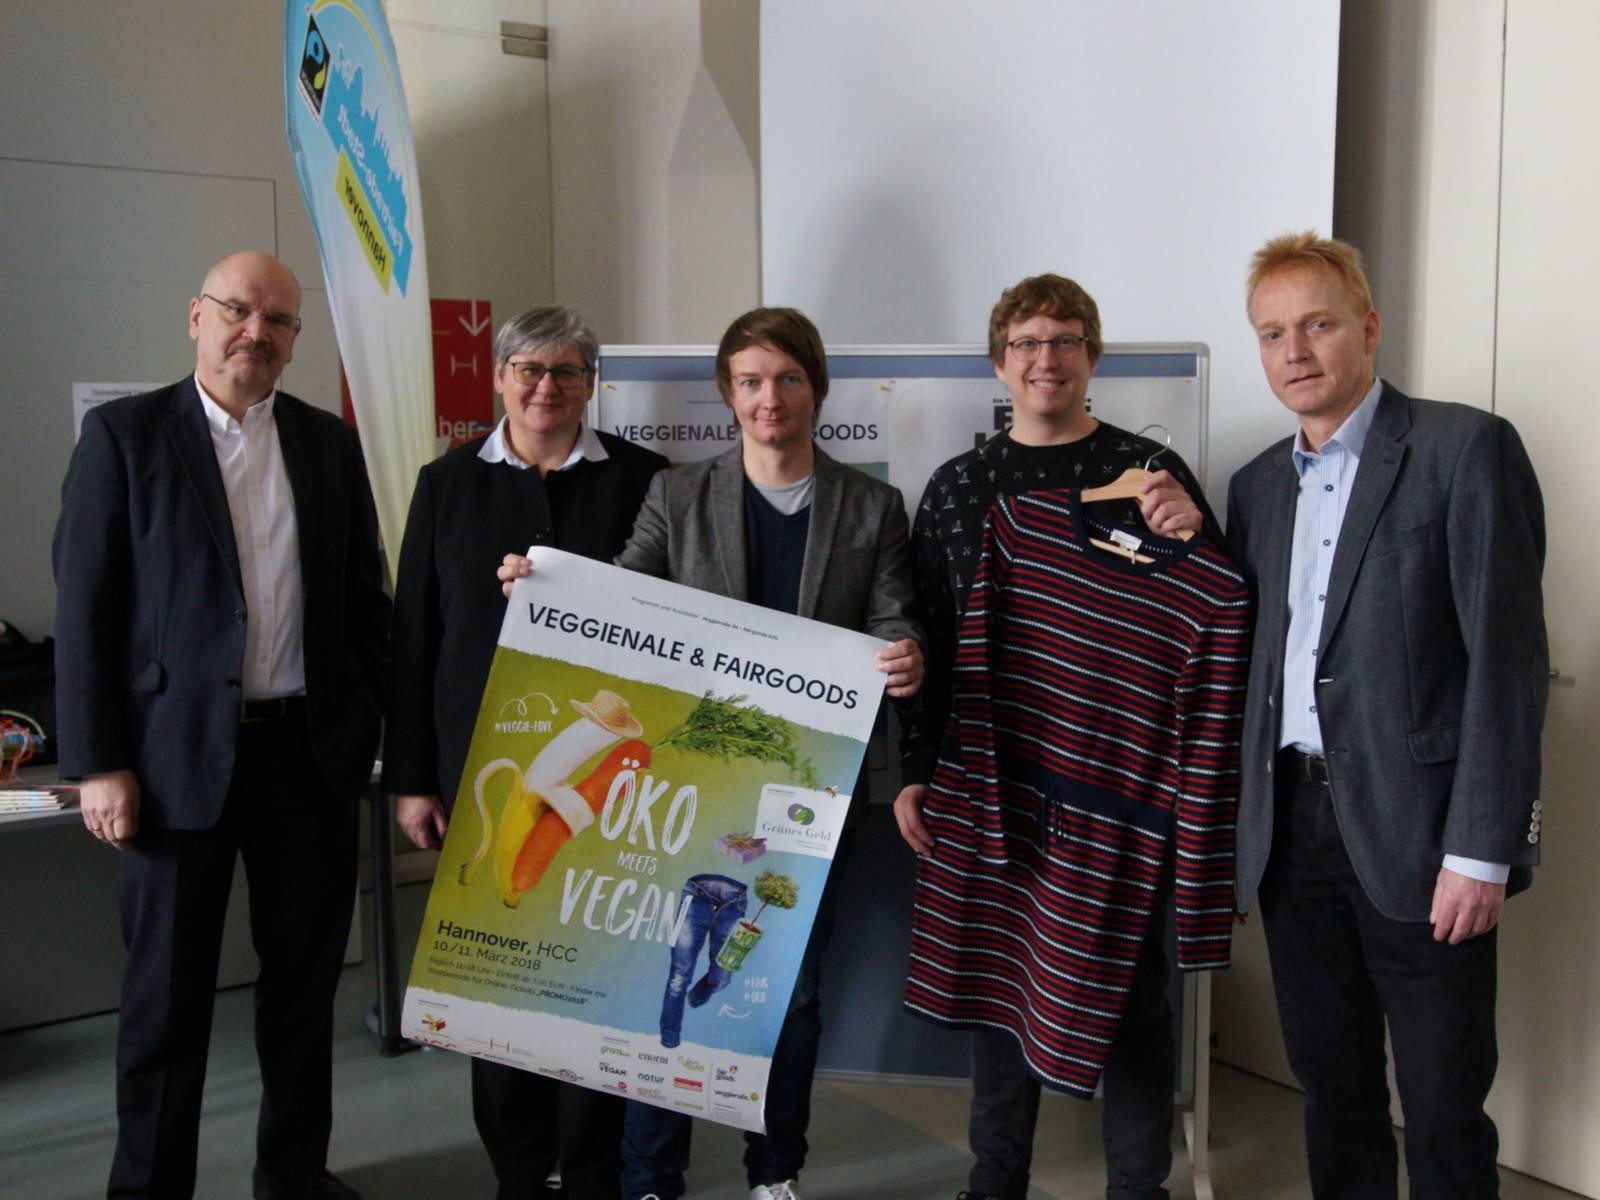 Vier Männer und eine Frau stehen vor einer Plakatwand. Einer hält ein Werbeplakat und ein anderer ein Kleid in den Händen